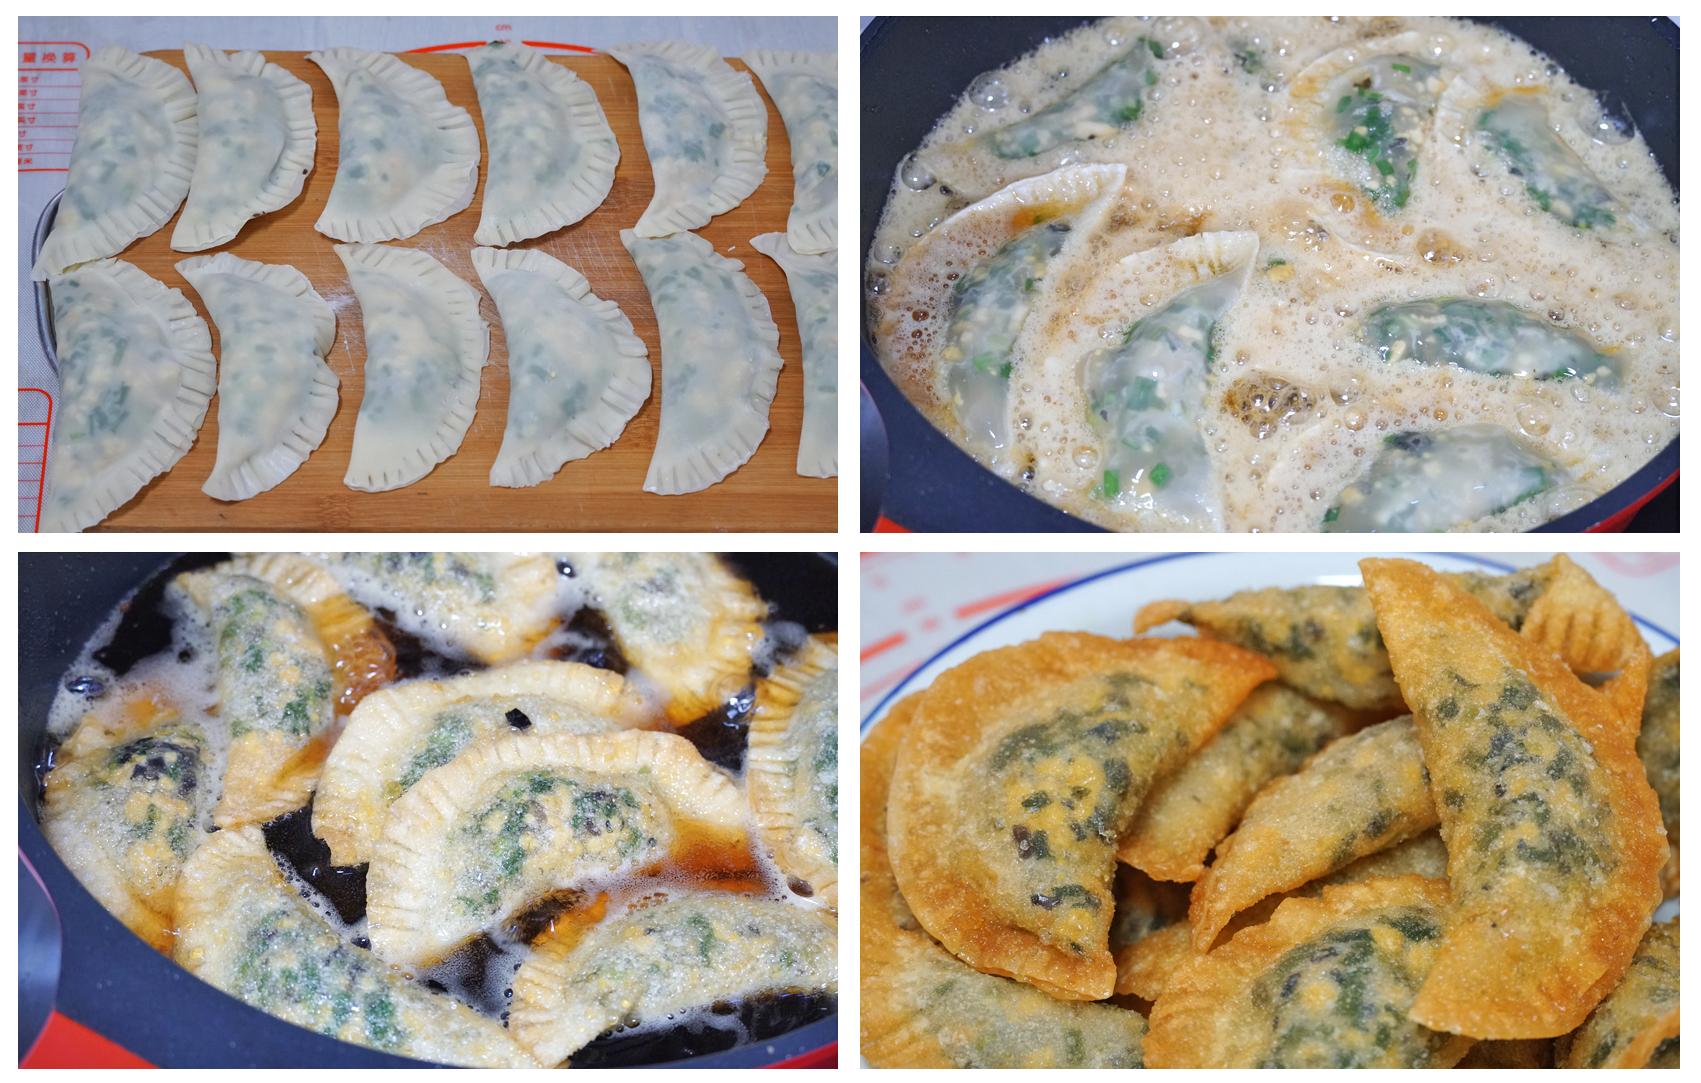 早餐别吃包子馒头了,1块钱饺子皮,教你5种吃法,做法简单又解馋 美食做法 第28张